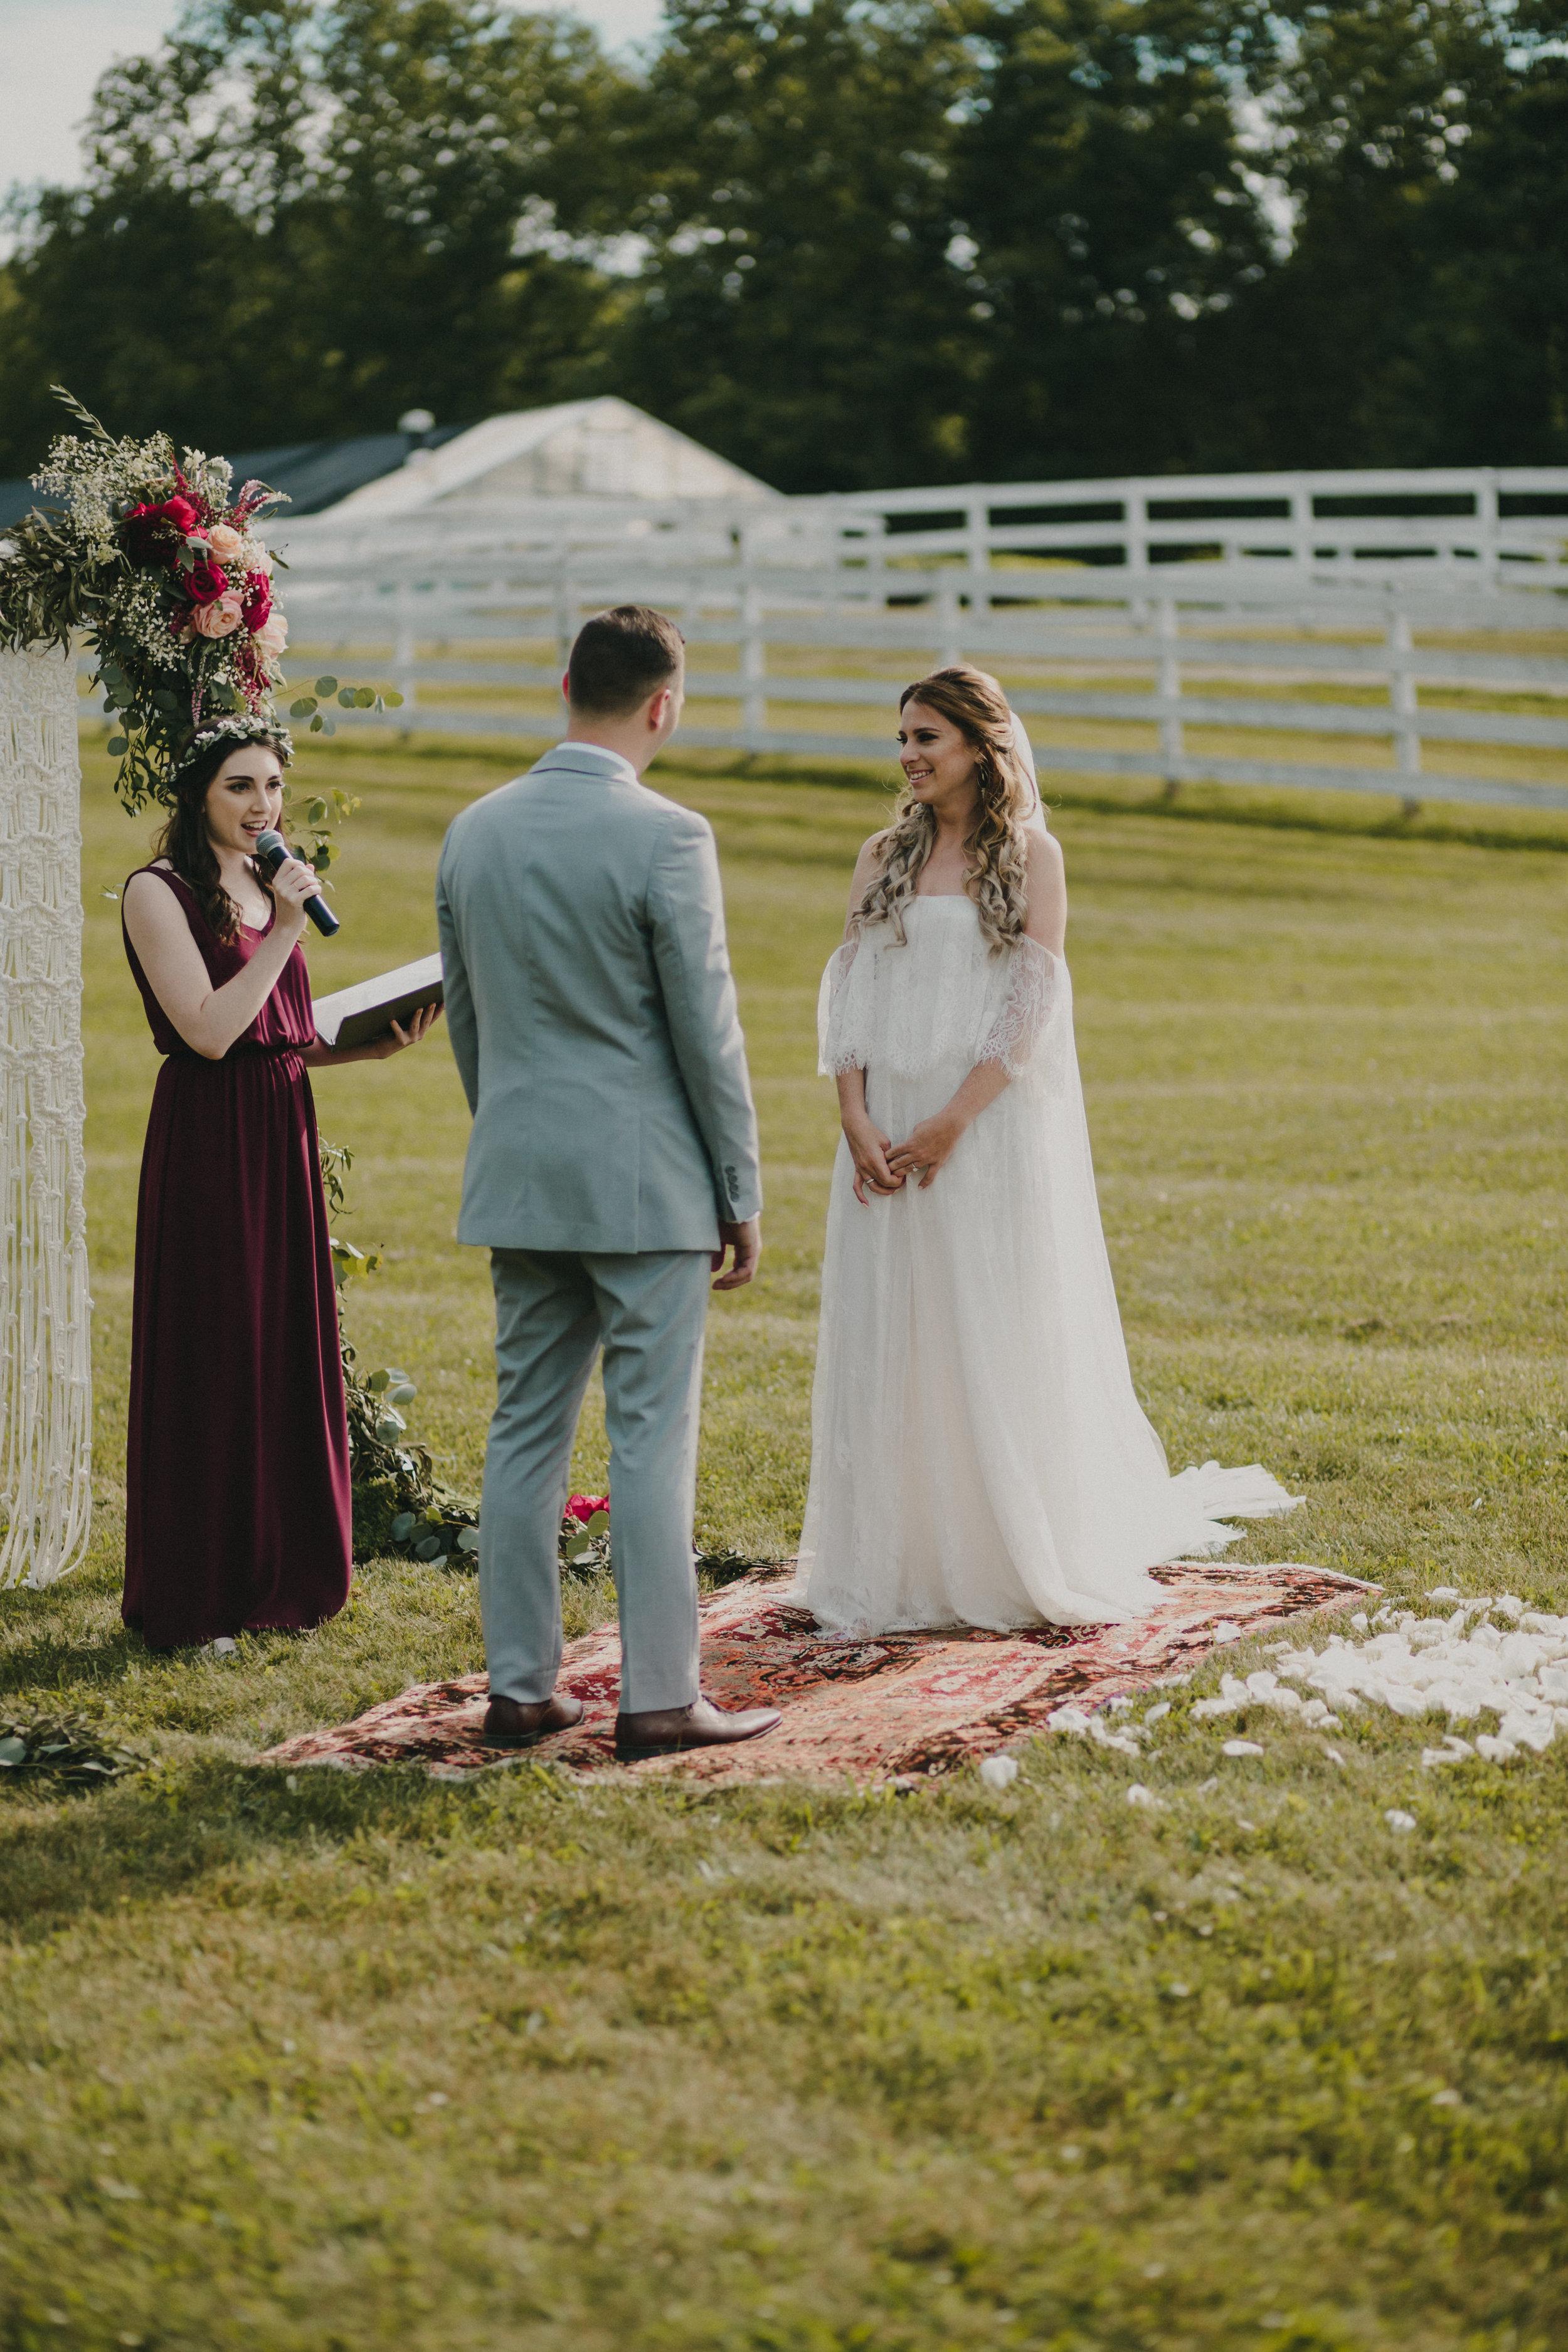 912-20180616-Amanda_Brett_Catskills_Summer_Boho_Wedding.jpg